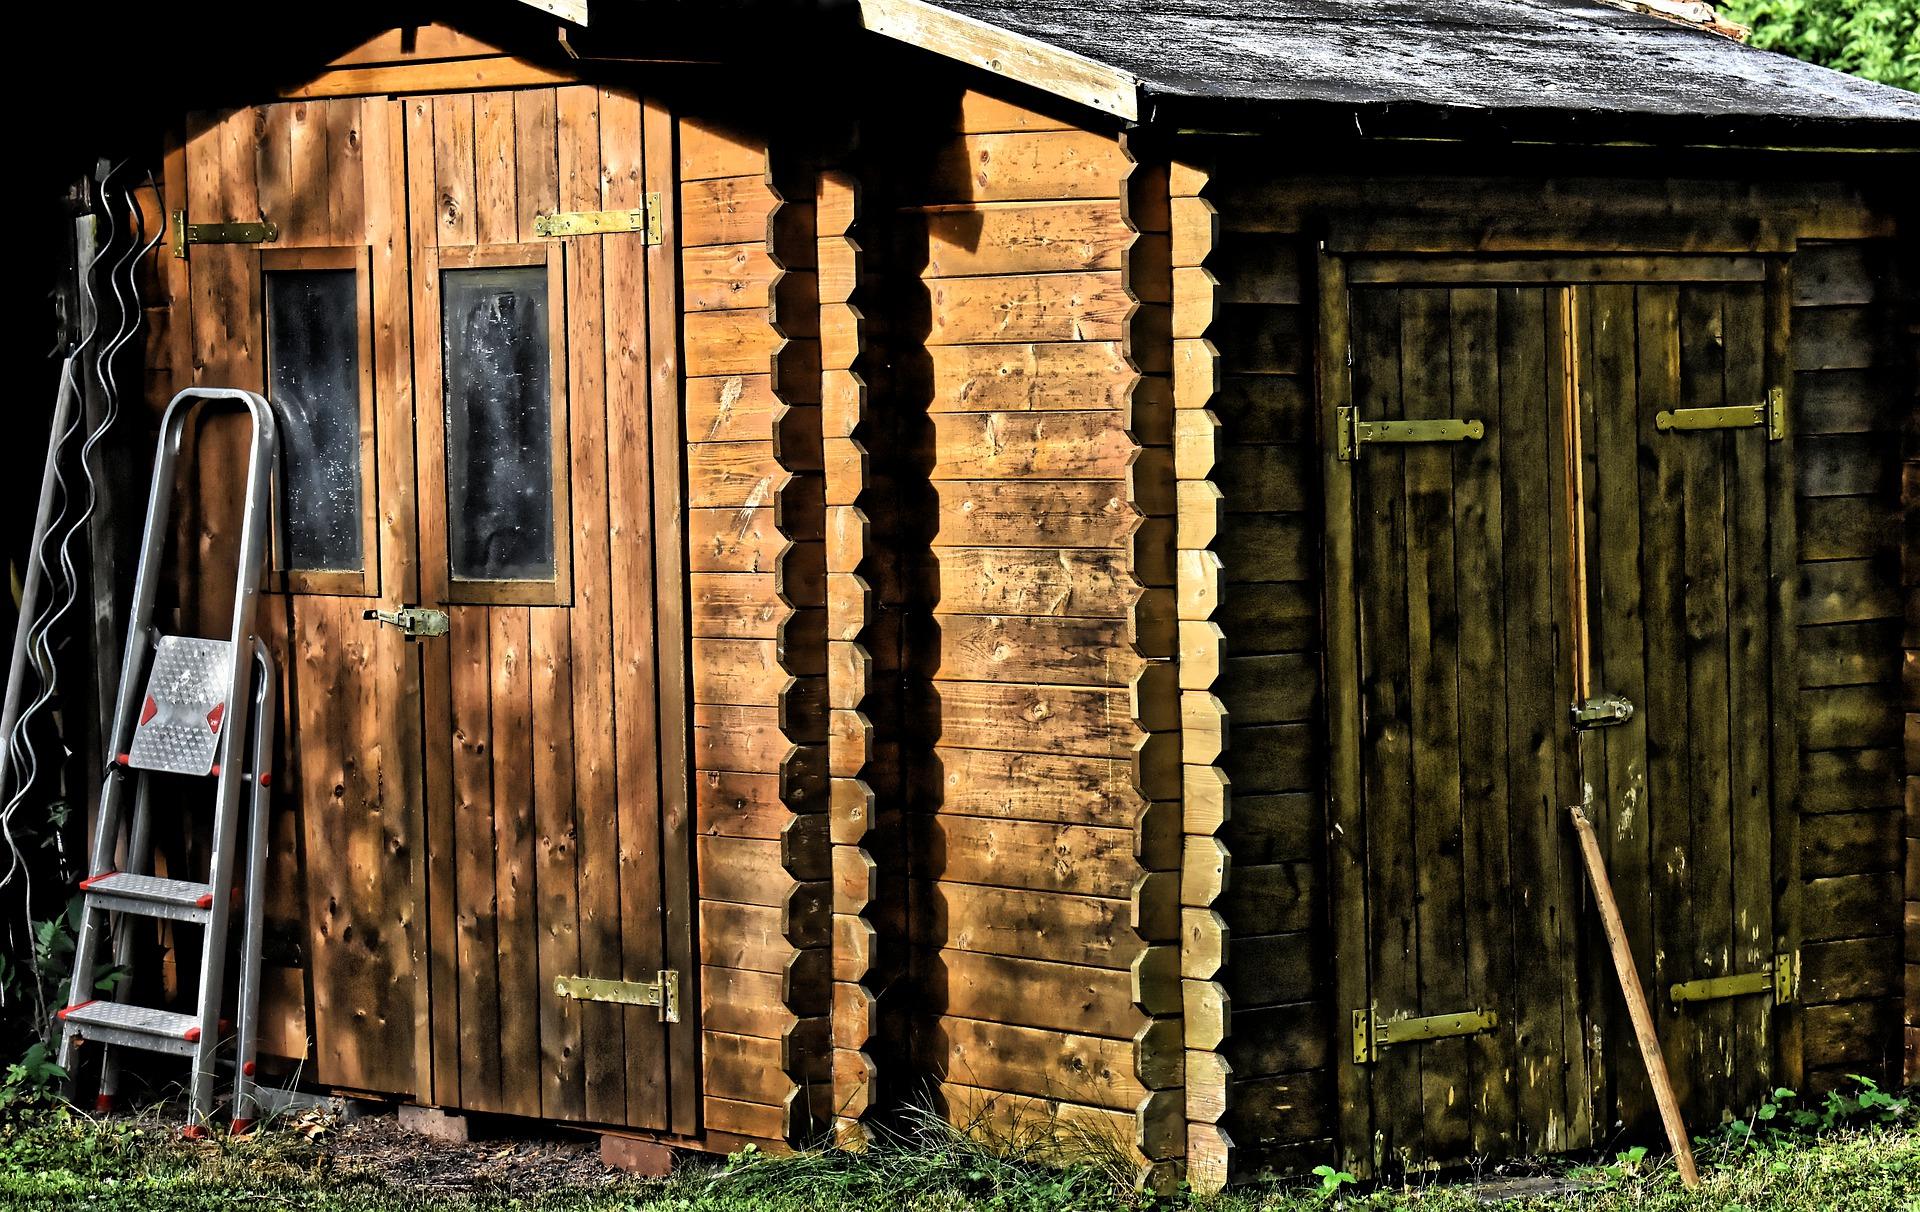 Ein Gartenhaus aus Holz hat viel Charme. Bild Alexas_Fotos/Pixabay